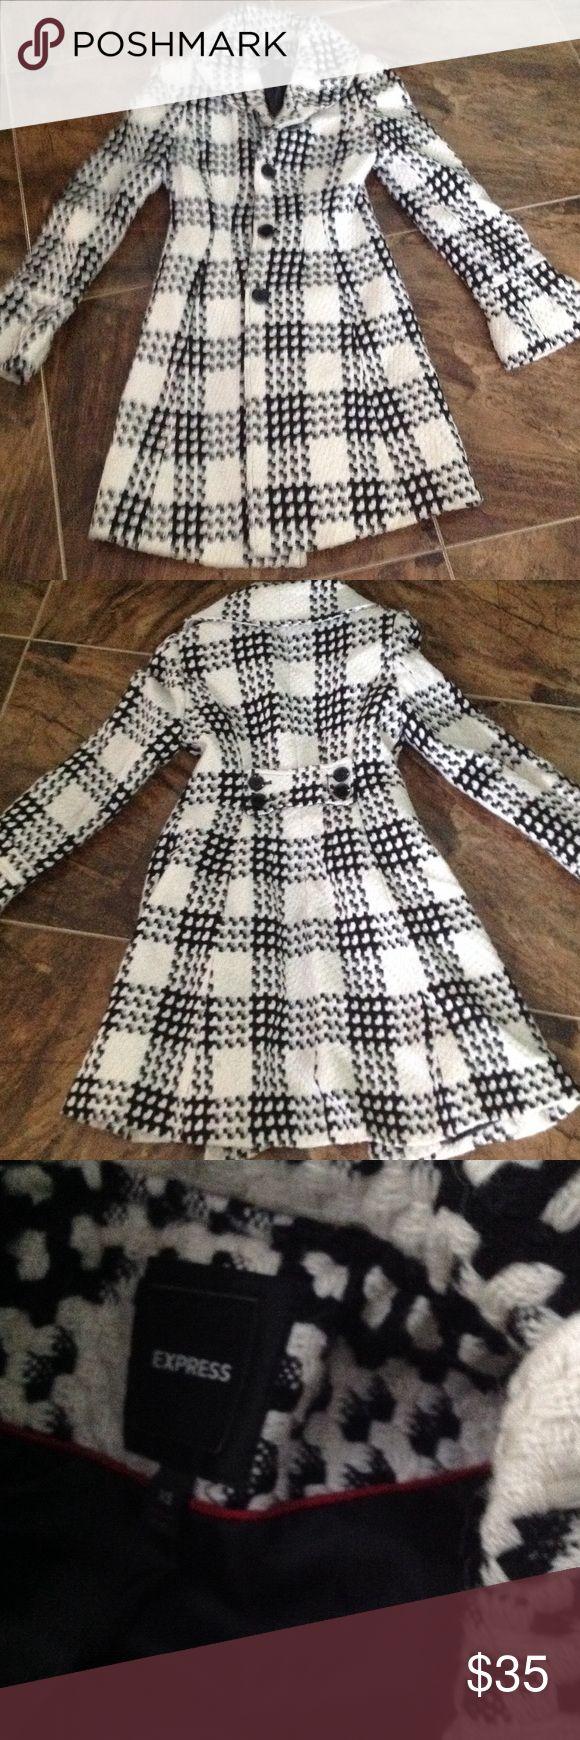 Express Coat. Very nice Express coat. Express Jackets & Coats Trench Coats